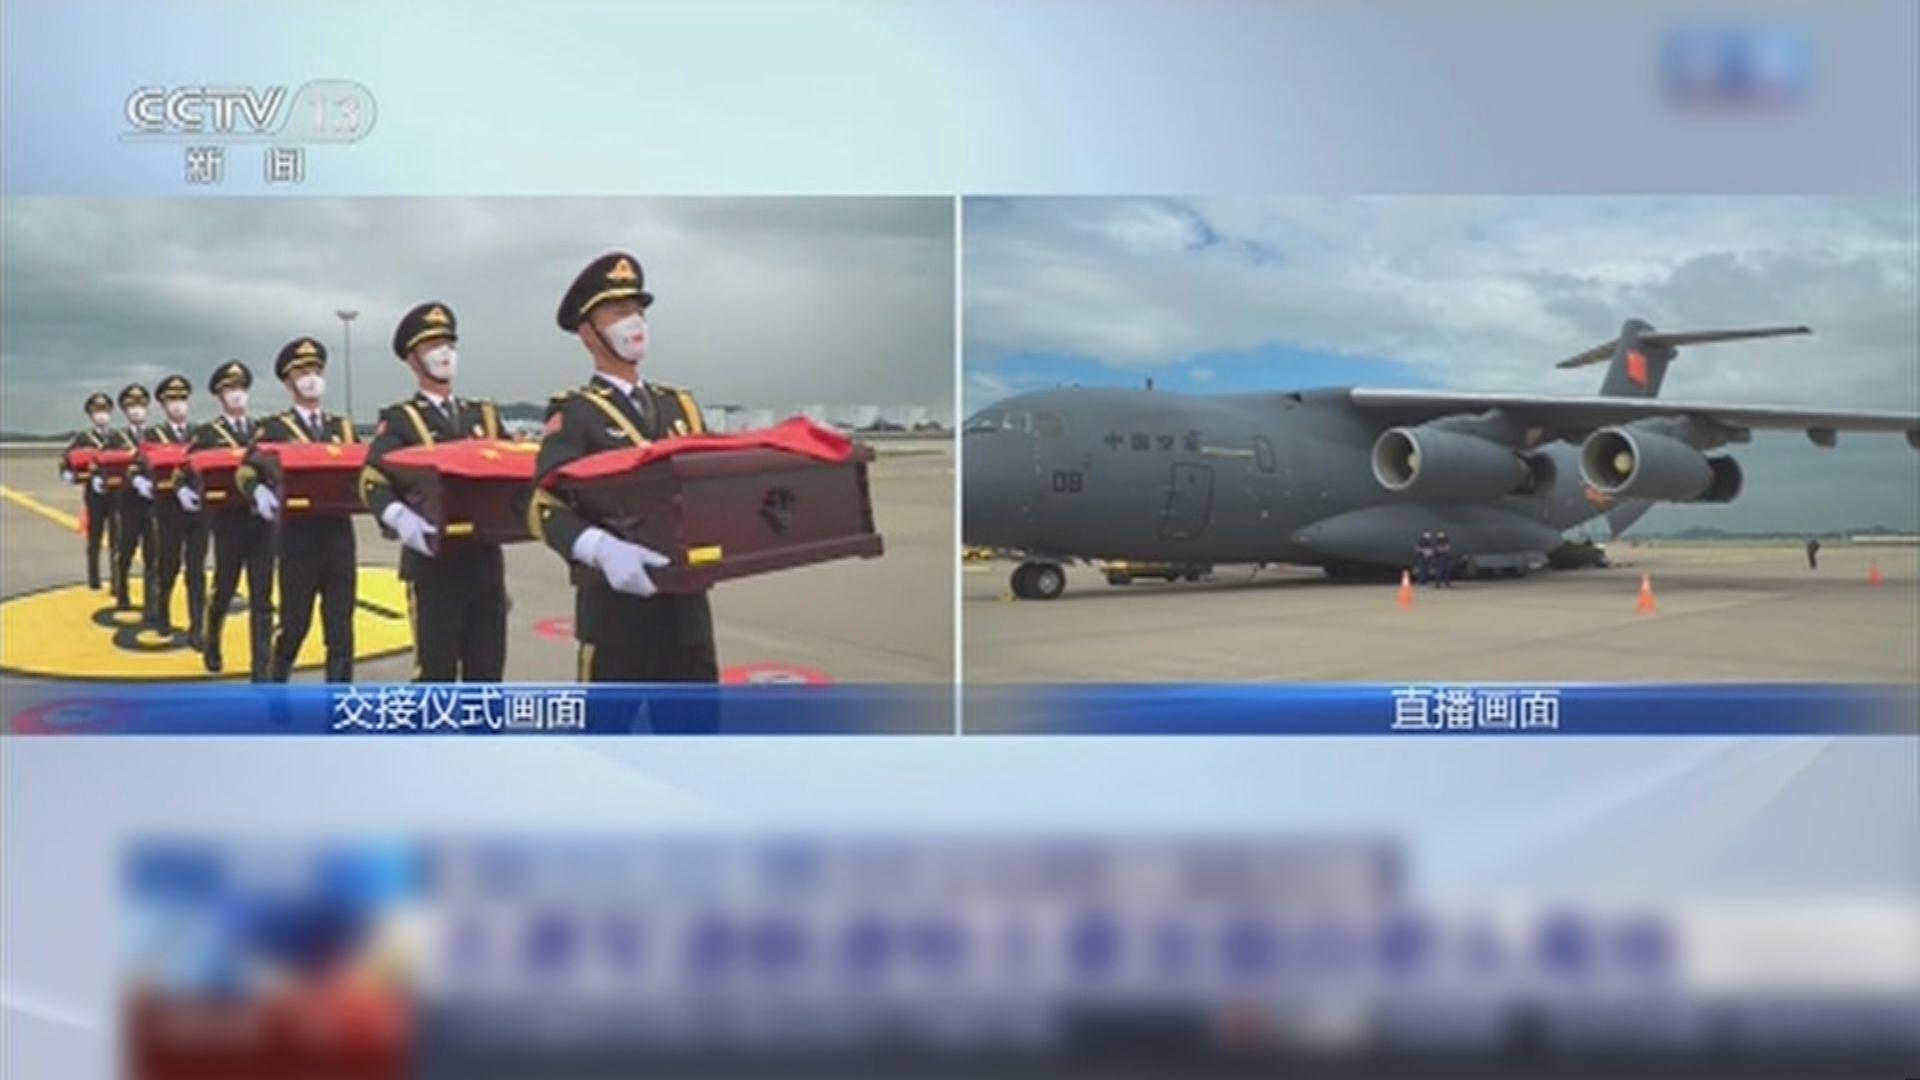 第八批在韓中國人民志願軍烈士遺骸移送回國